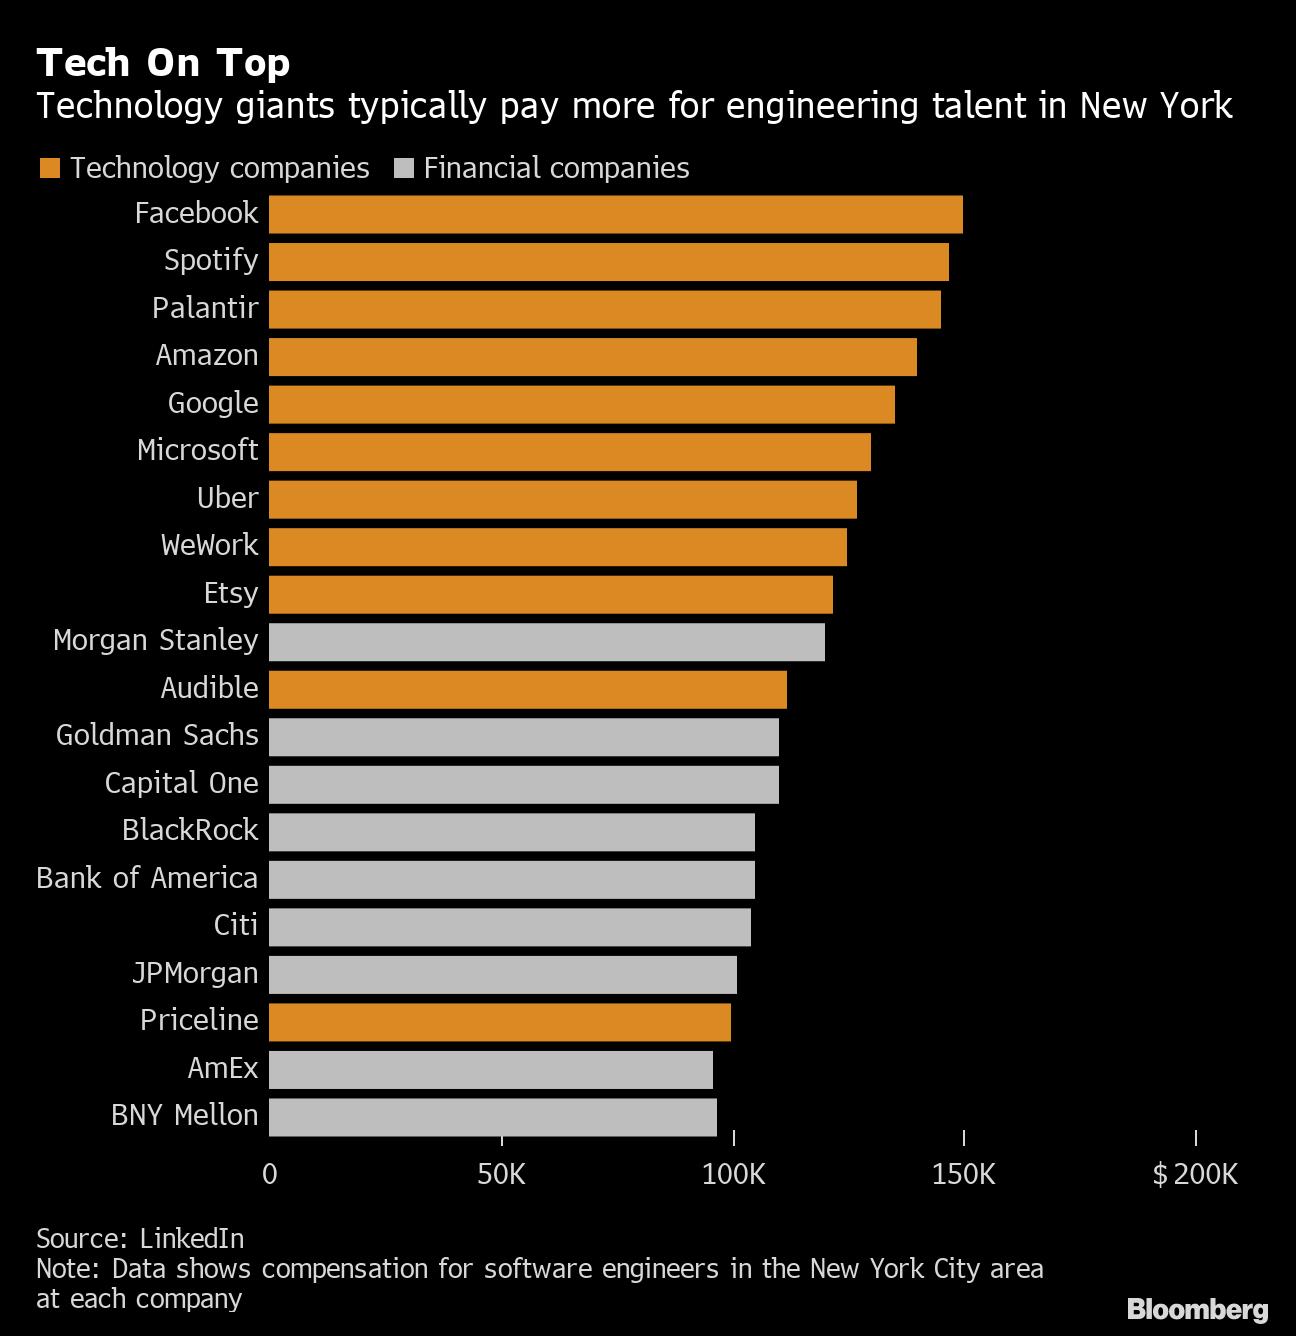 Facebook is eyeing engineers at New York banks in hiring